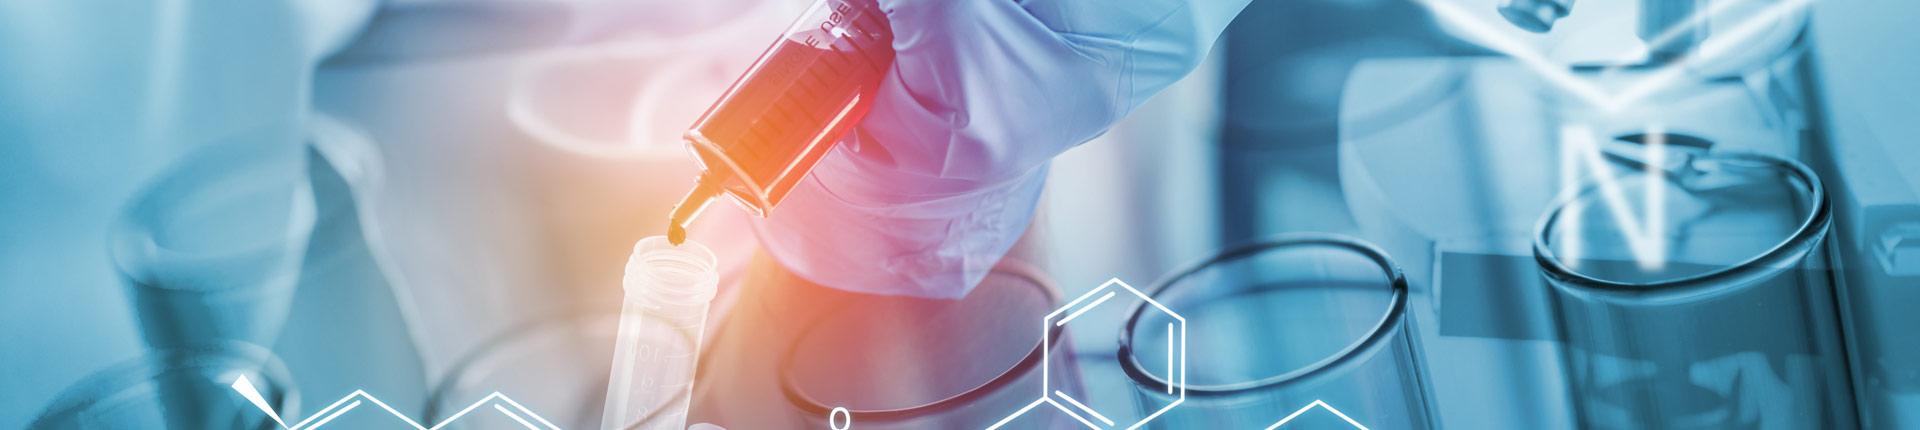 Kofeina w tabletkach wspomaga działanie oxandrolonu